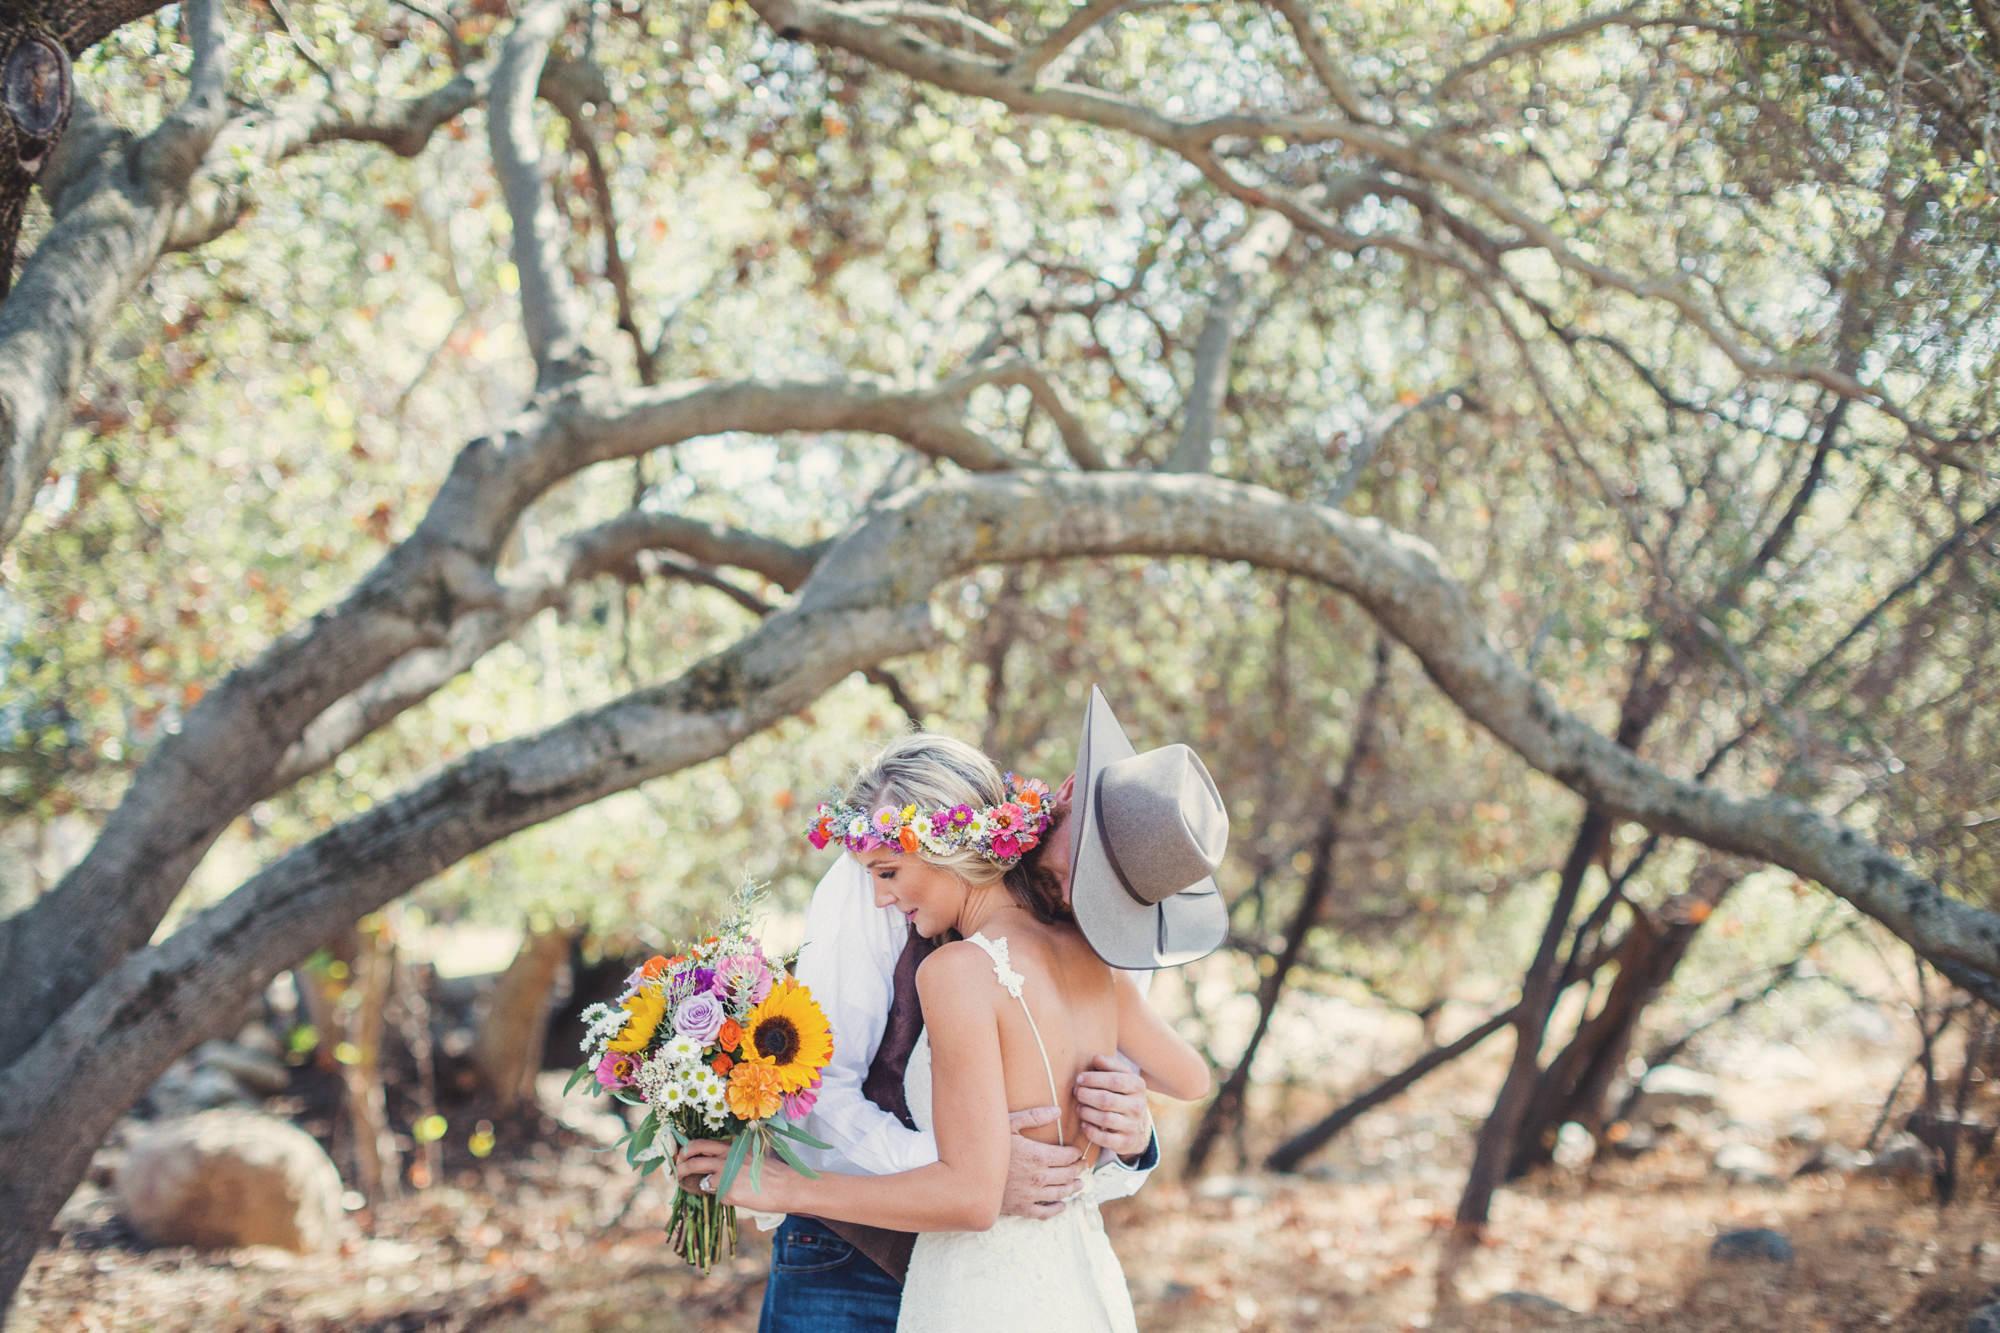 Rustic wedding in California ©Anne-Claire Brun 38